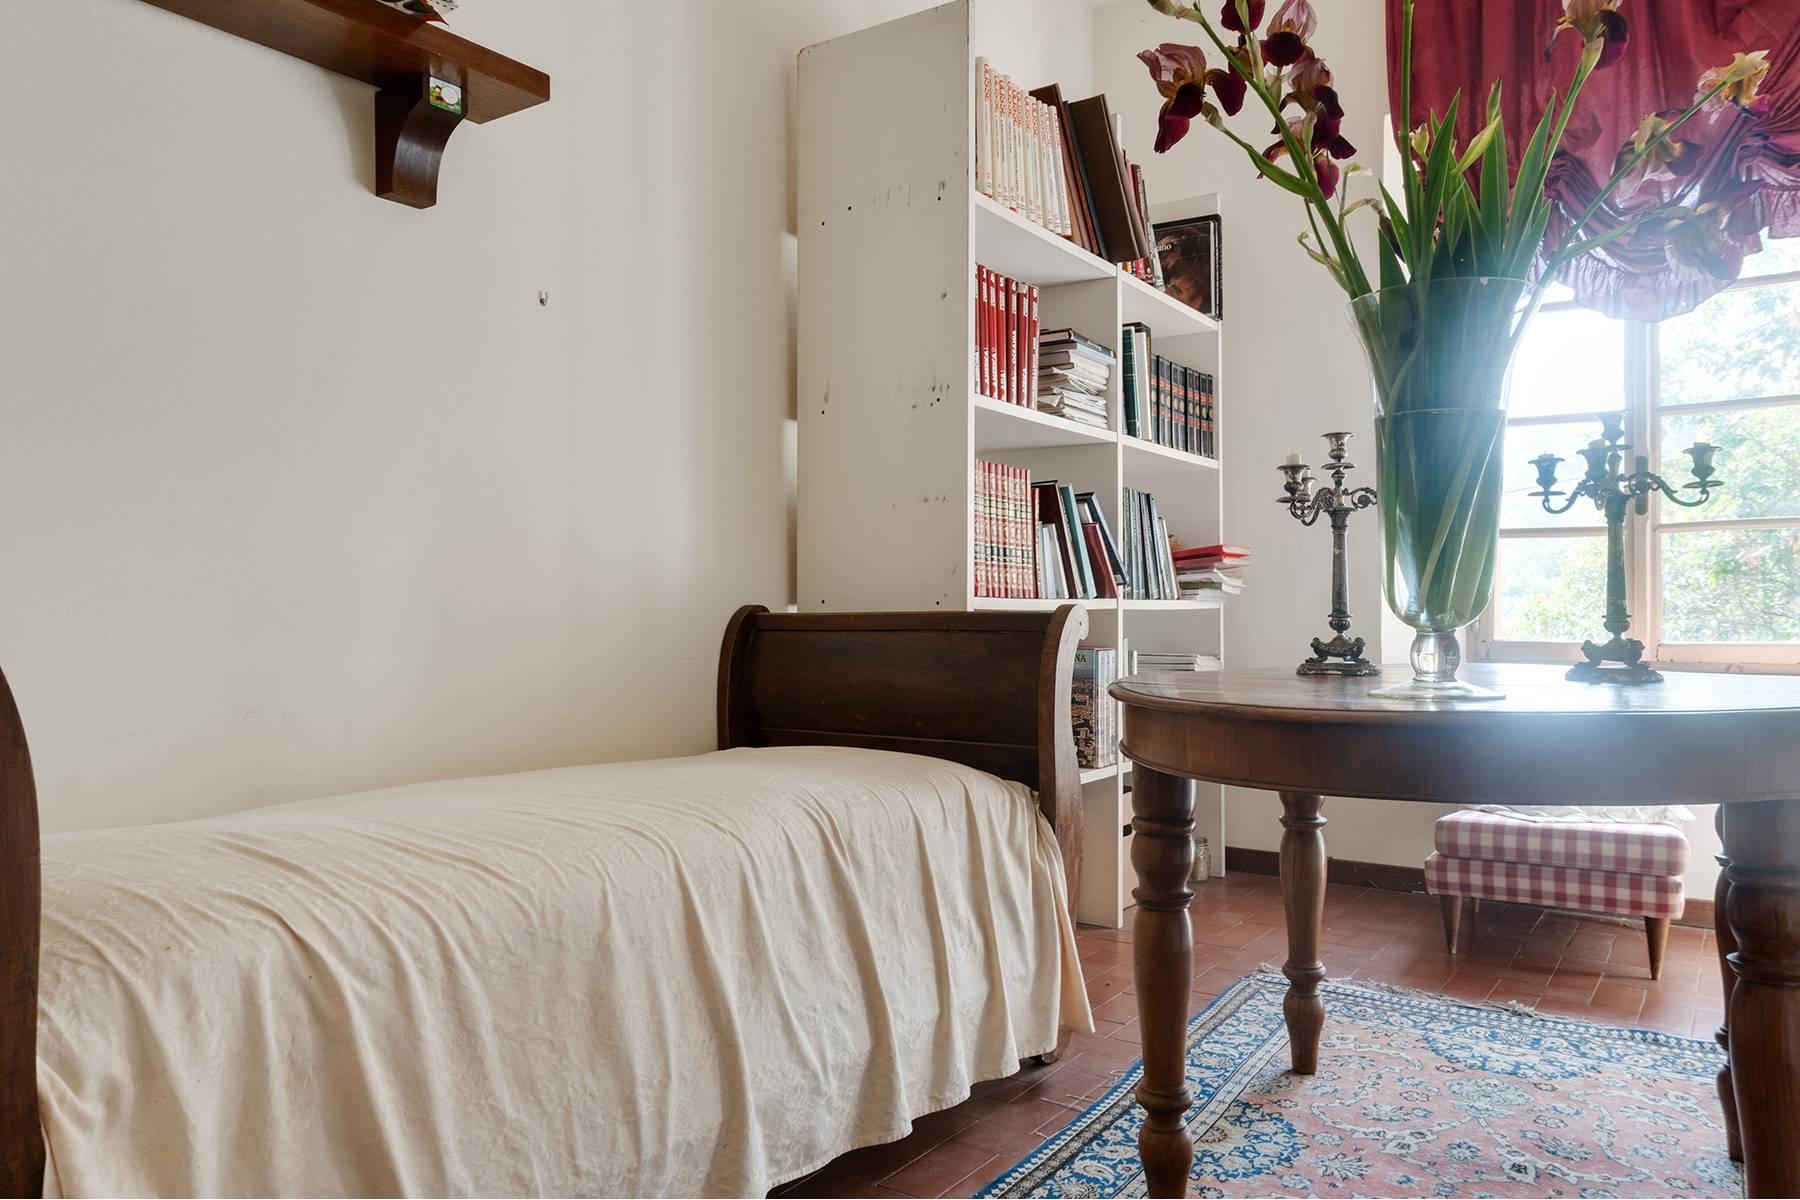 Villa in Vendita a Fiorano Modenese: 5 locali, 470 mq - Foto 13